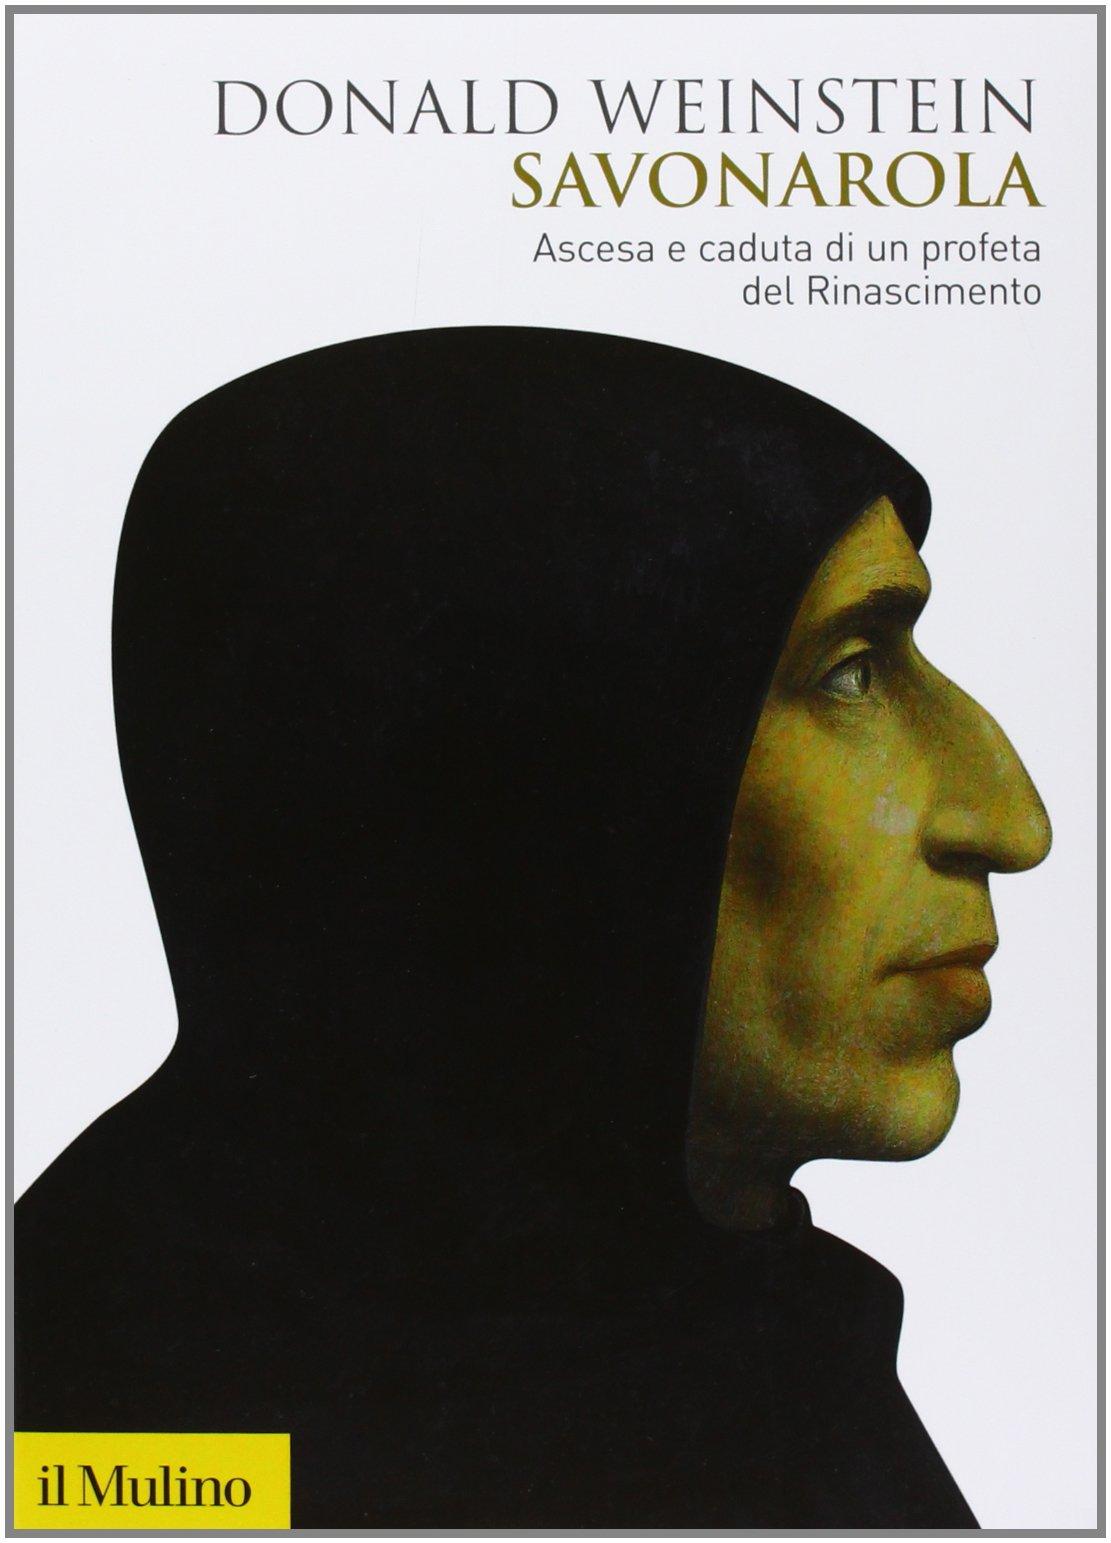 Donald Weinstein - Savonarola